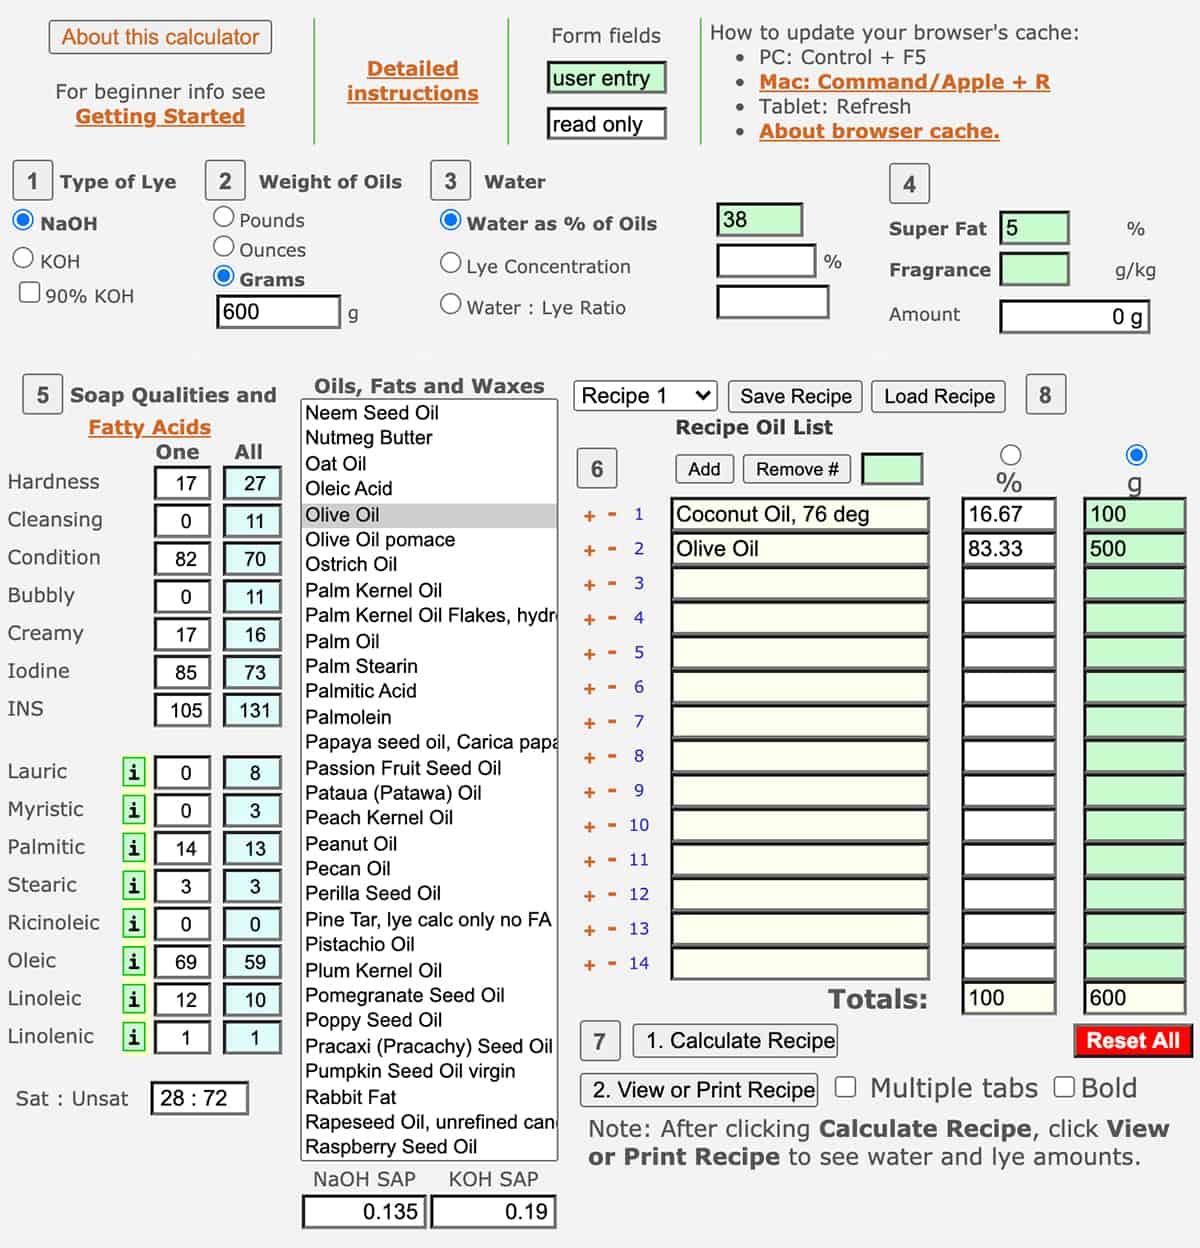 Una captura de pantalla de la primera página de la calculadora de saponificación Soapcalc. Tiene algunos números y aceites ya ingresados en el formulario.